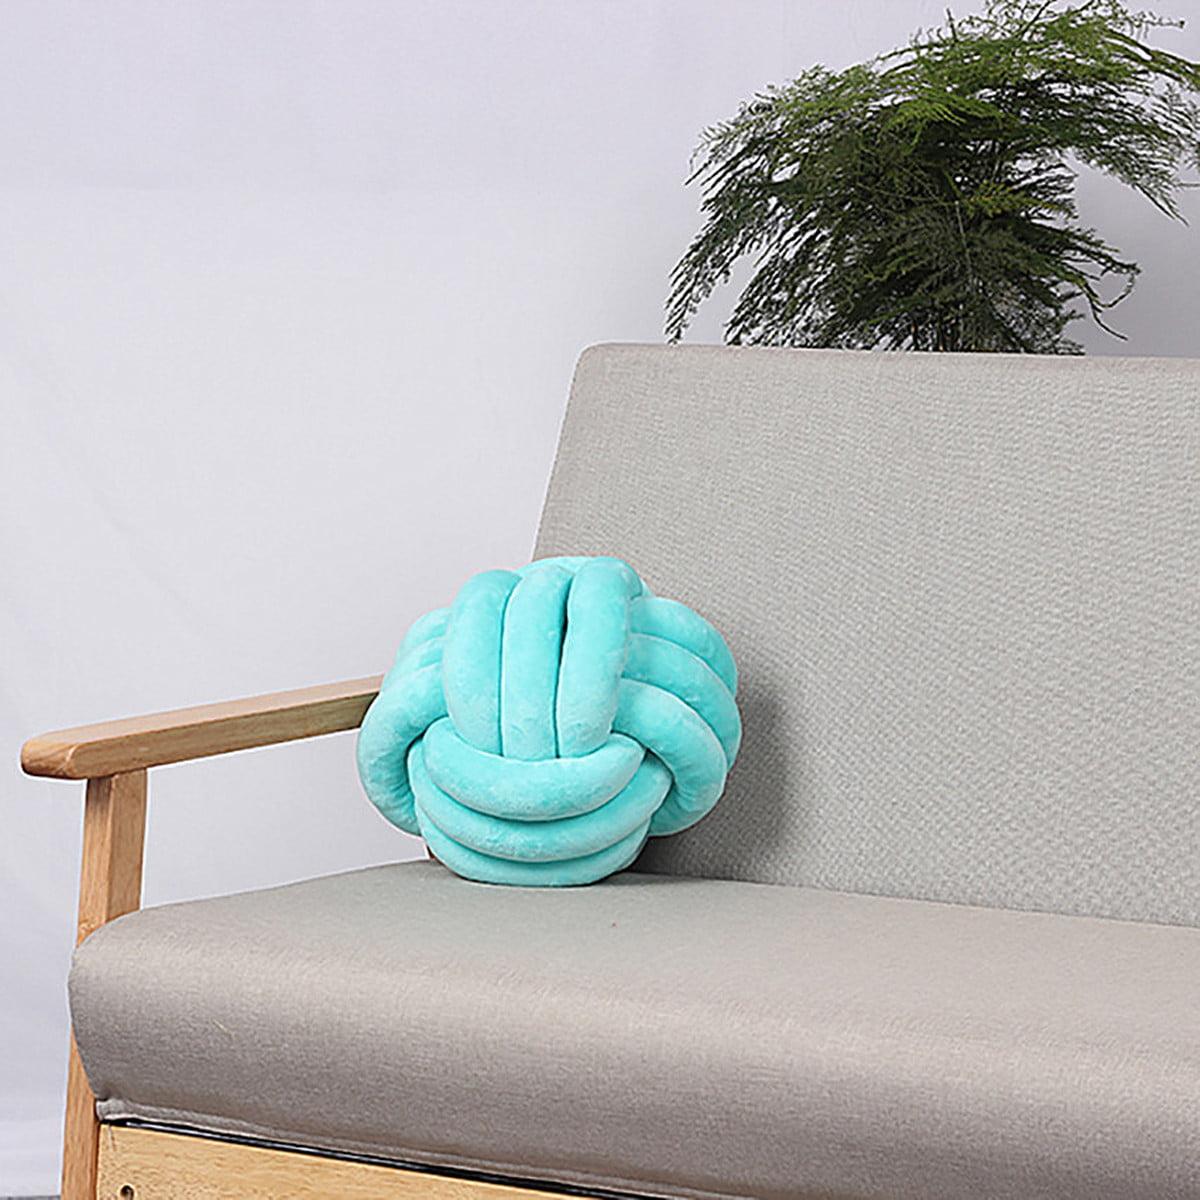 10 12 Soft Knot Pillow Sofa Cushion Round Ball Plush Pillow Home Car Decor Walmart Canada